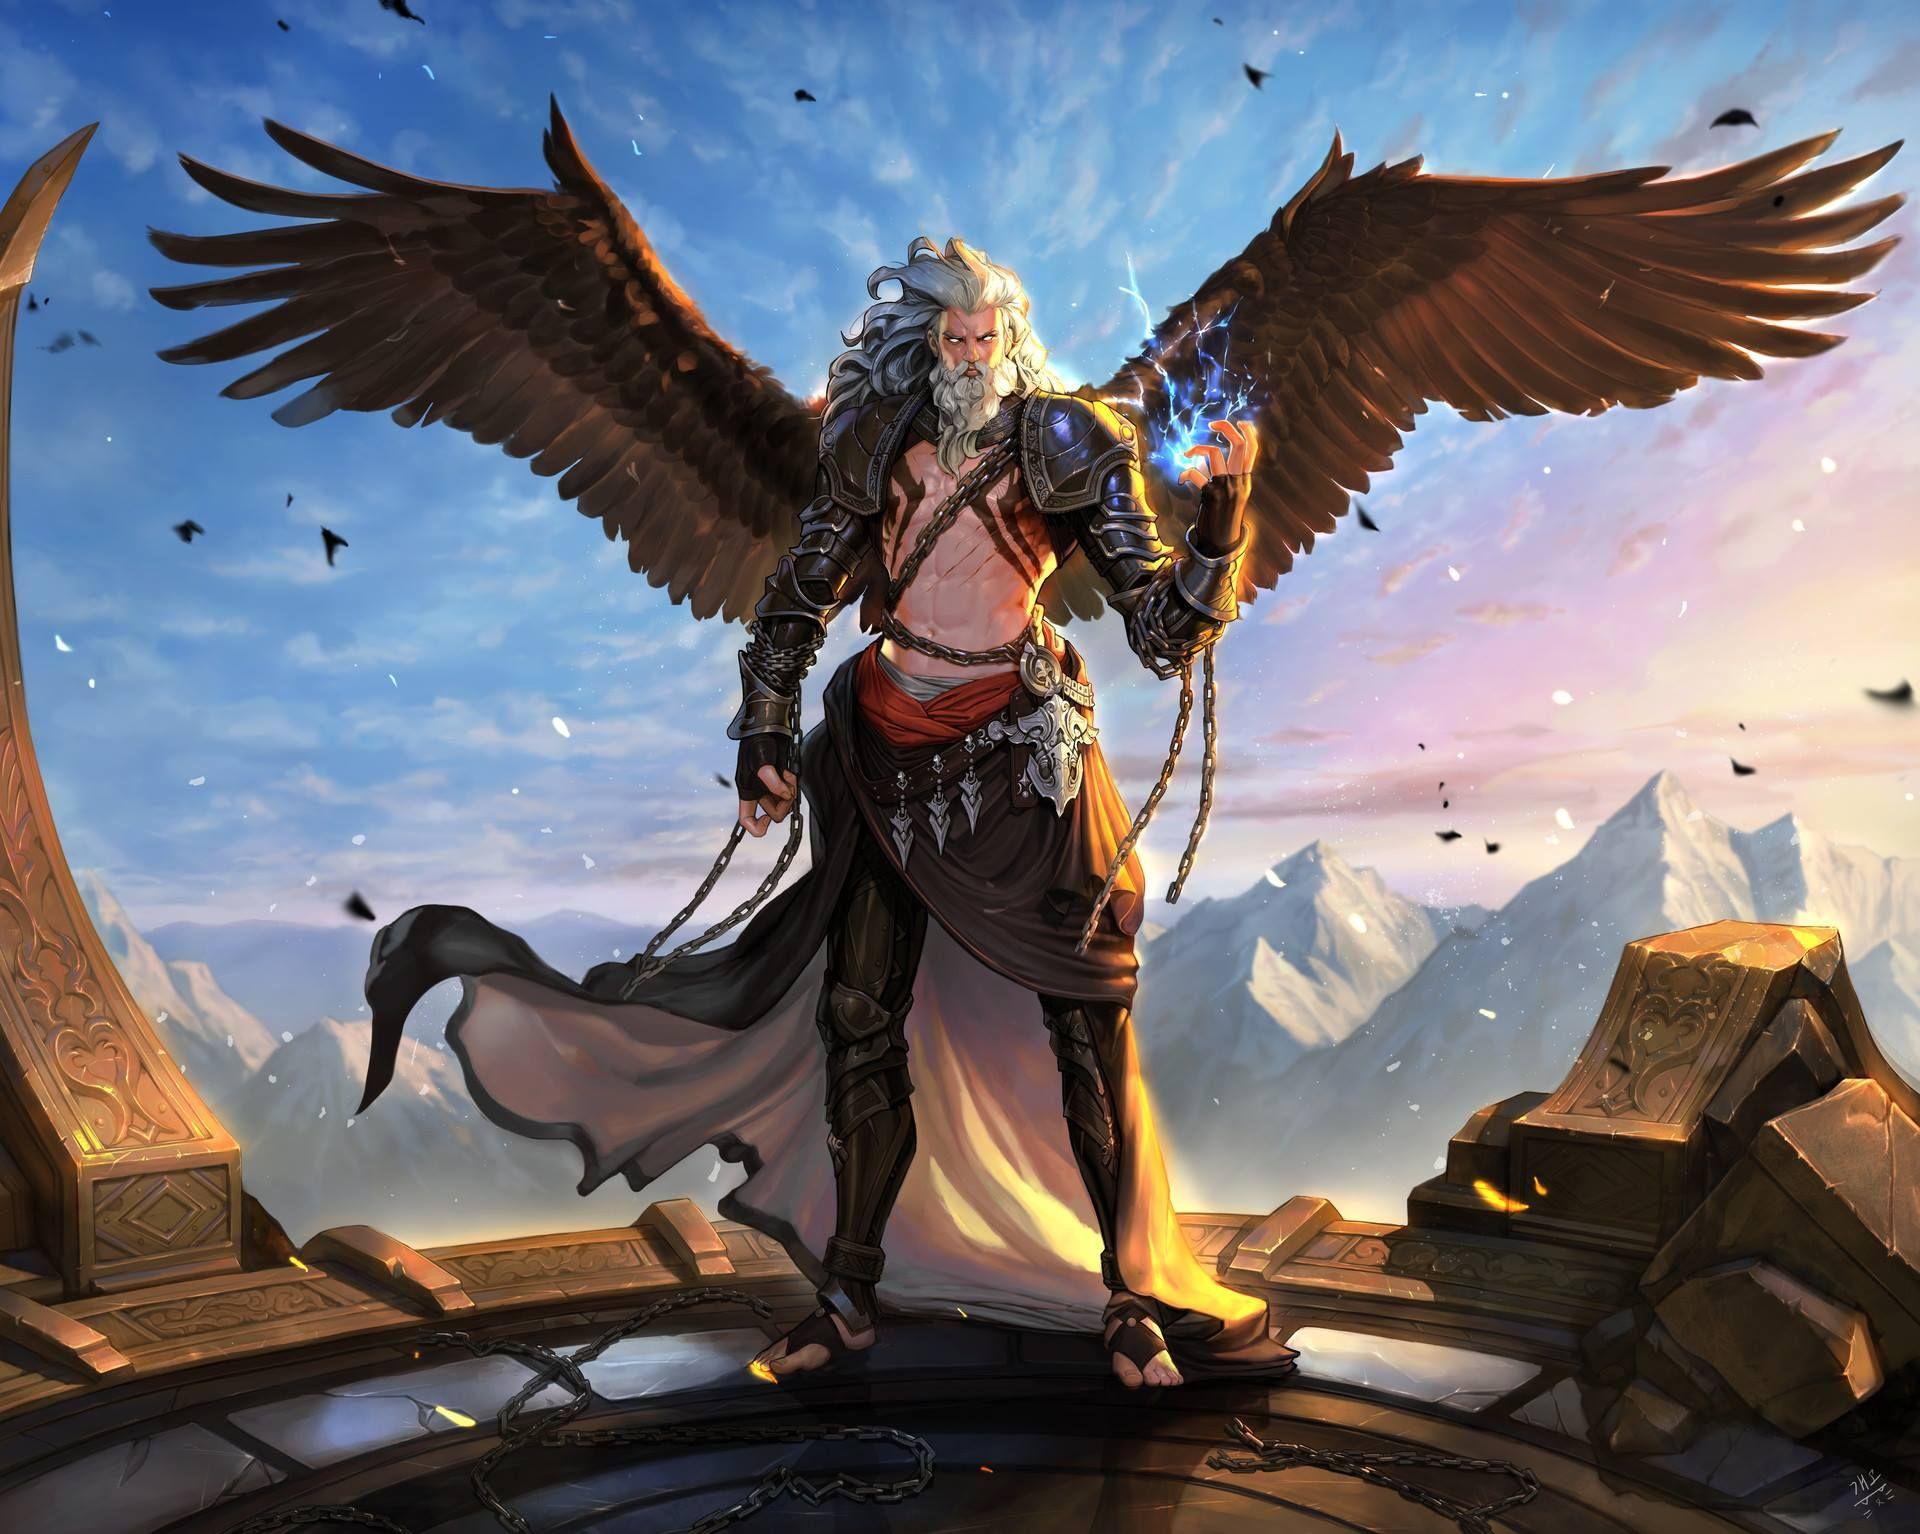 Aasimar Sorcerer angel; aasimar; daddy; d&daddies; sorcerer; mage; wings; d&d